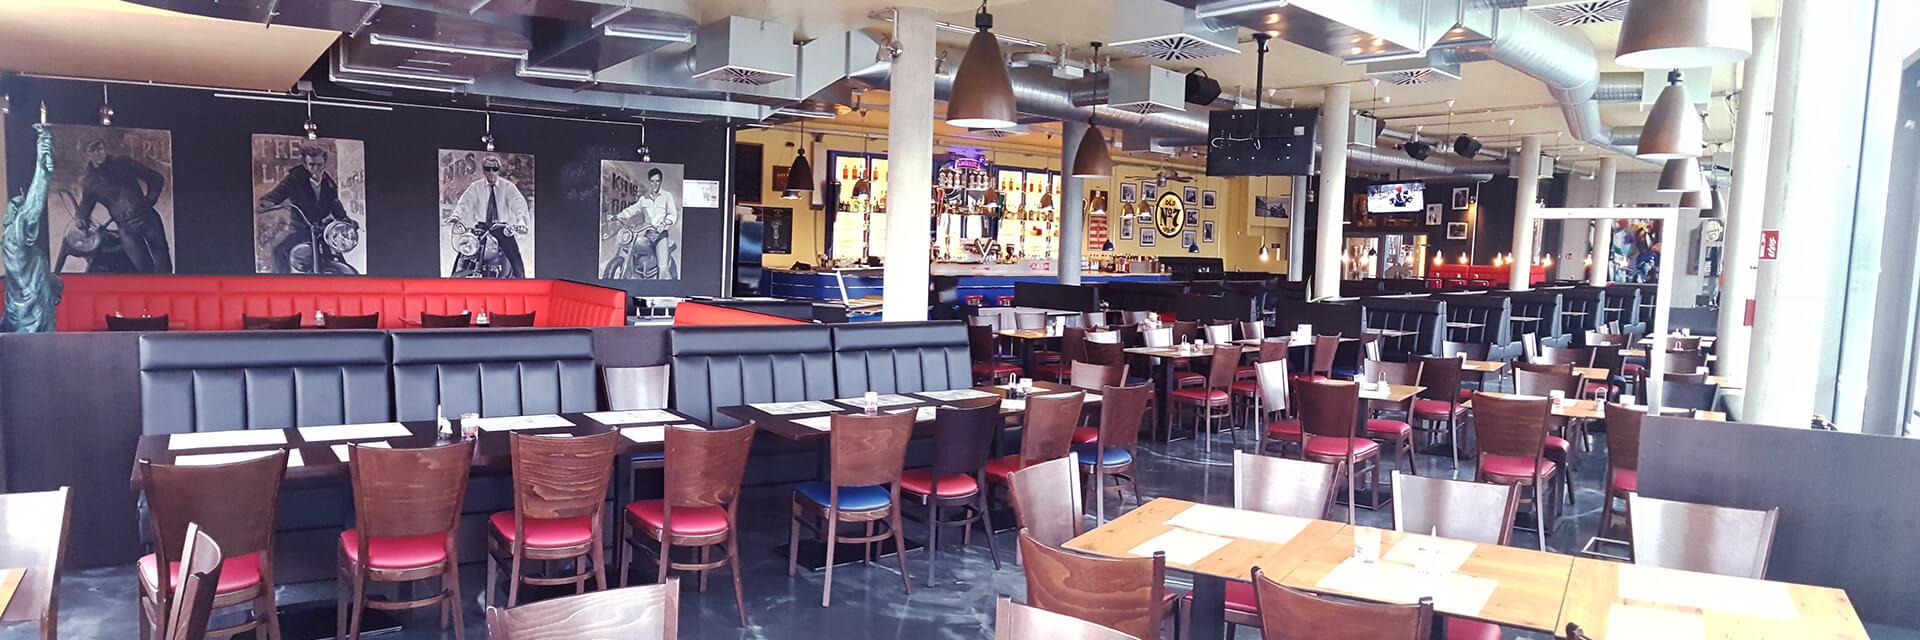 restaurant leonberg stuttgart